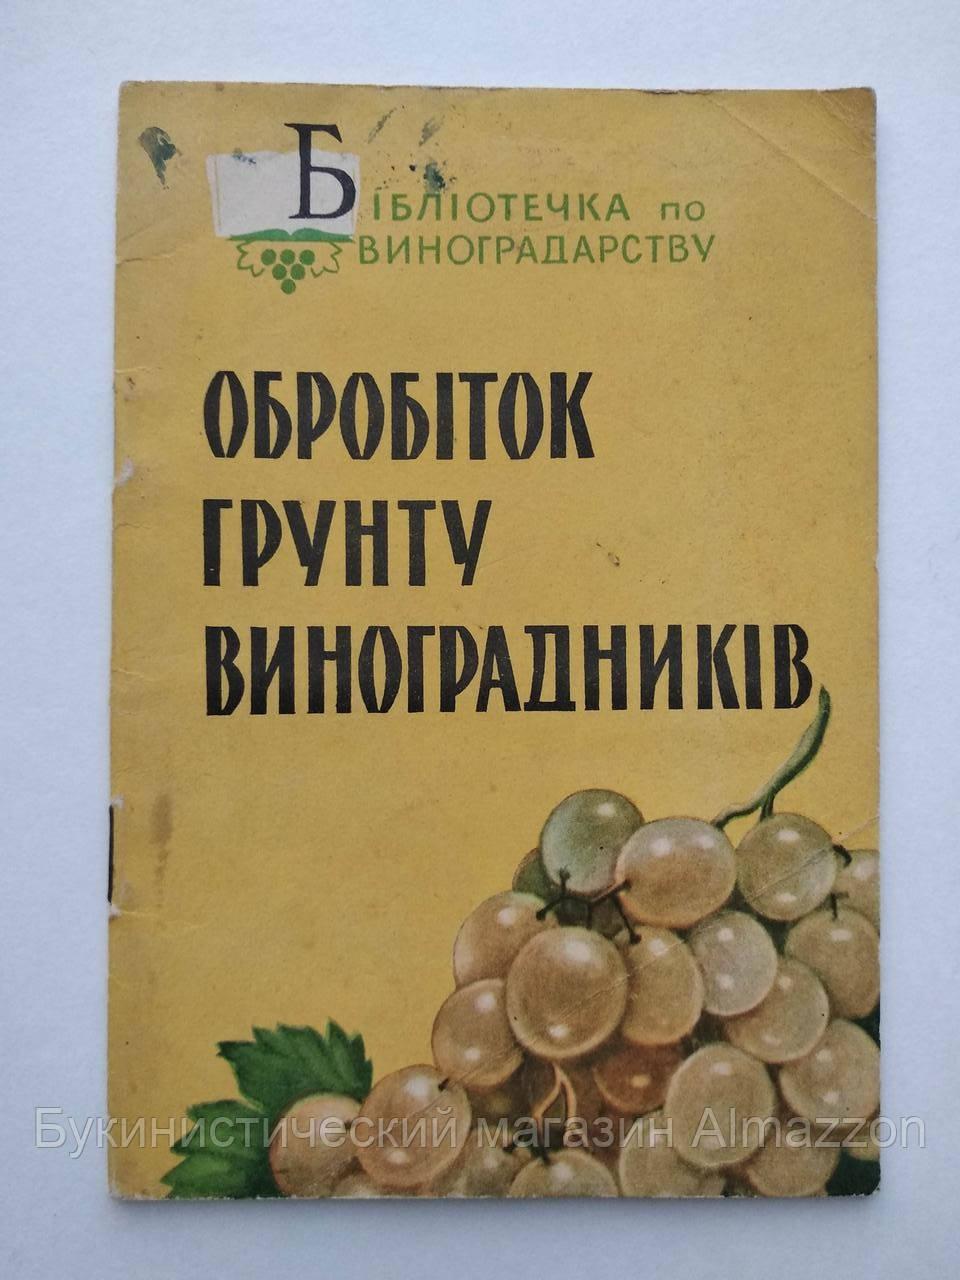 Обробіток грунту виноградників Библиотечка по виноградарству. 1960 год